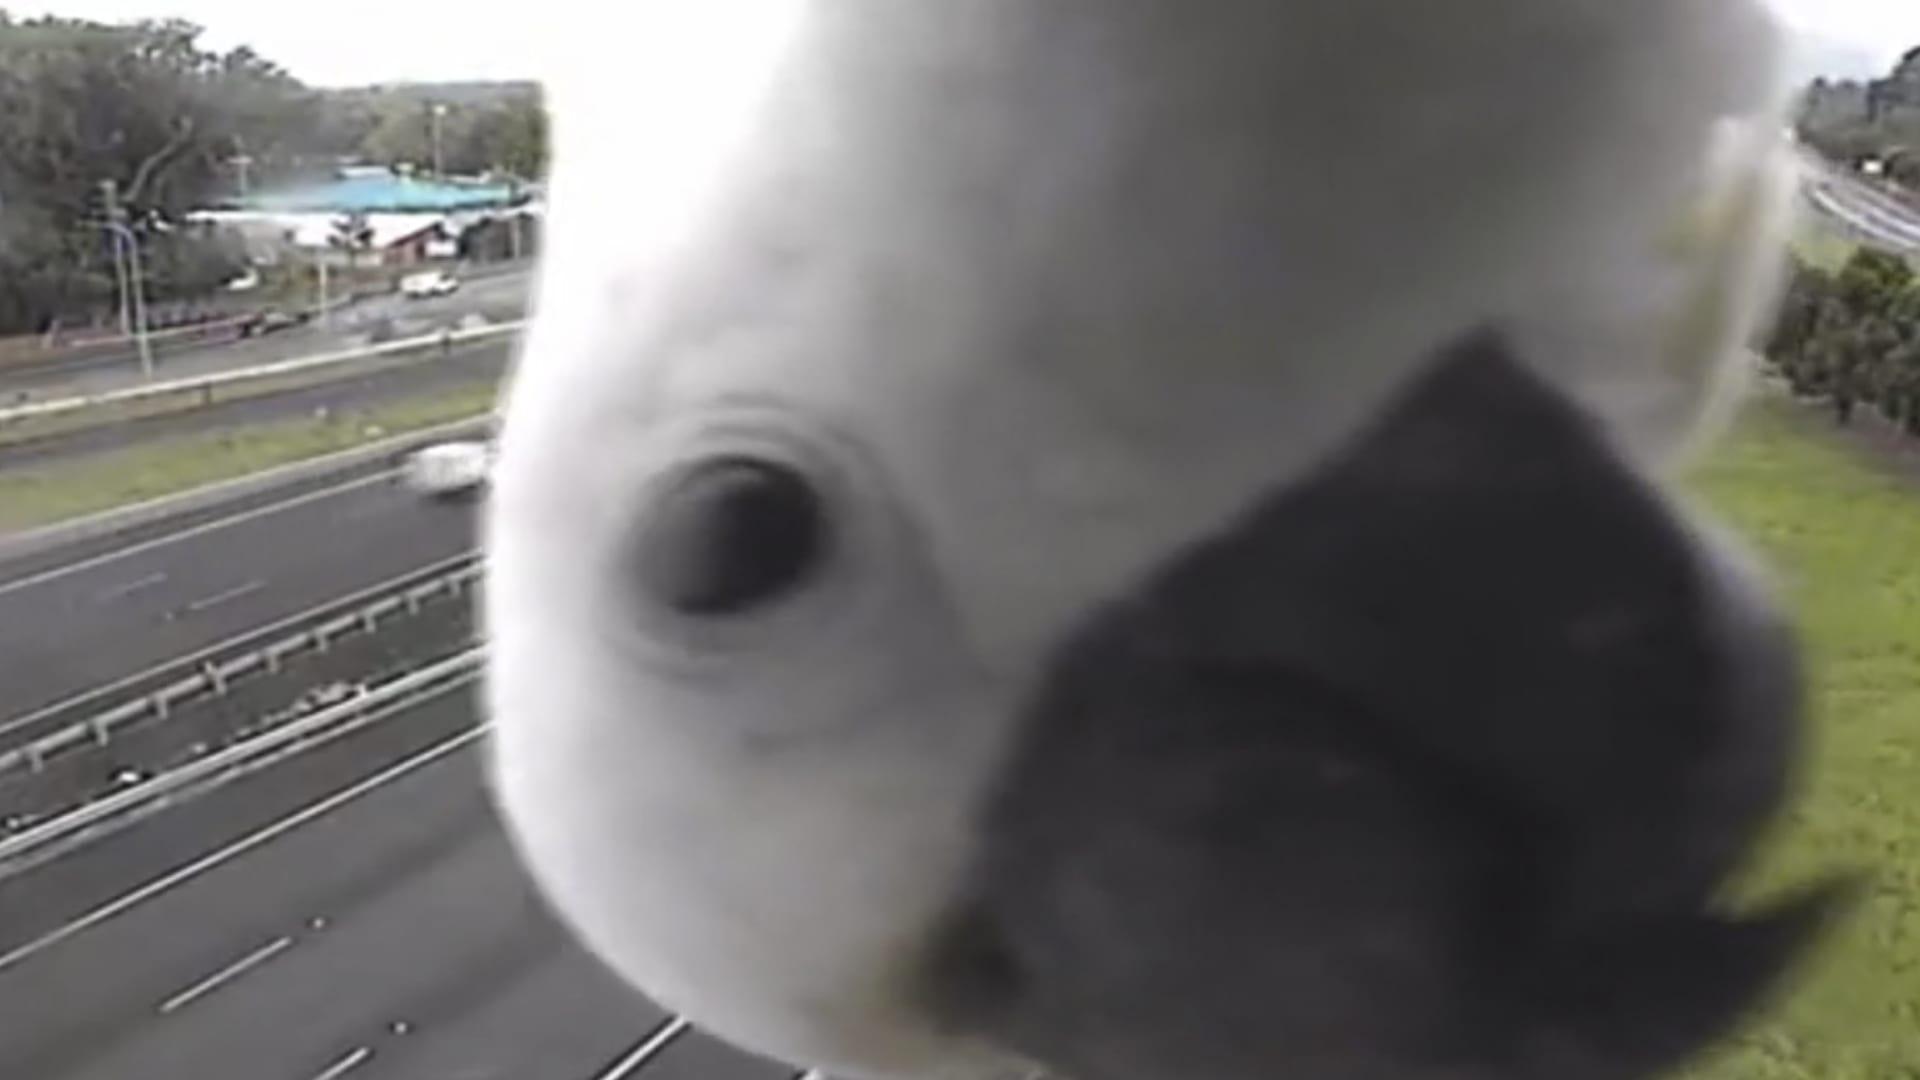 شاهد ماذا رصدت كاميرا لمراقبة الطرق في أستراليا